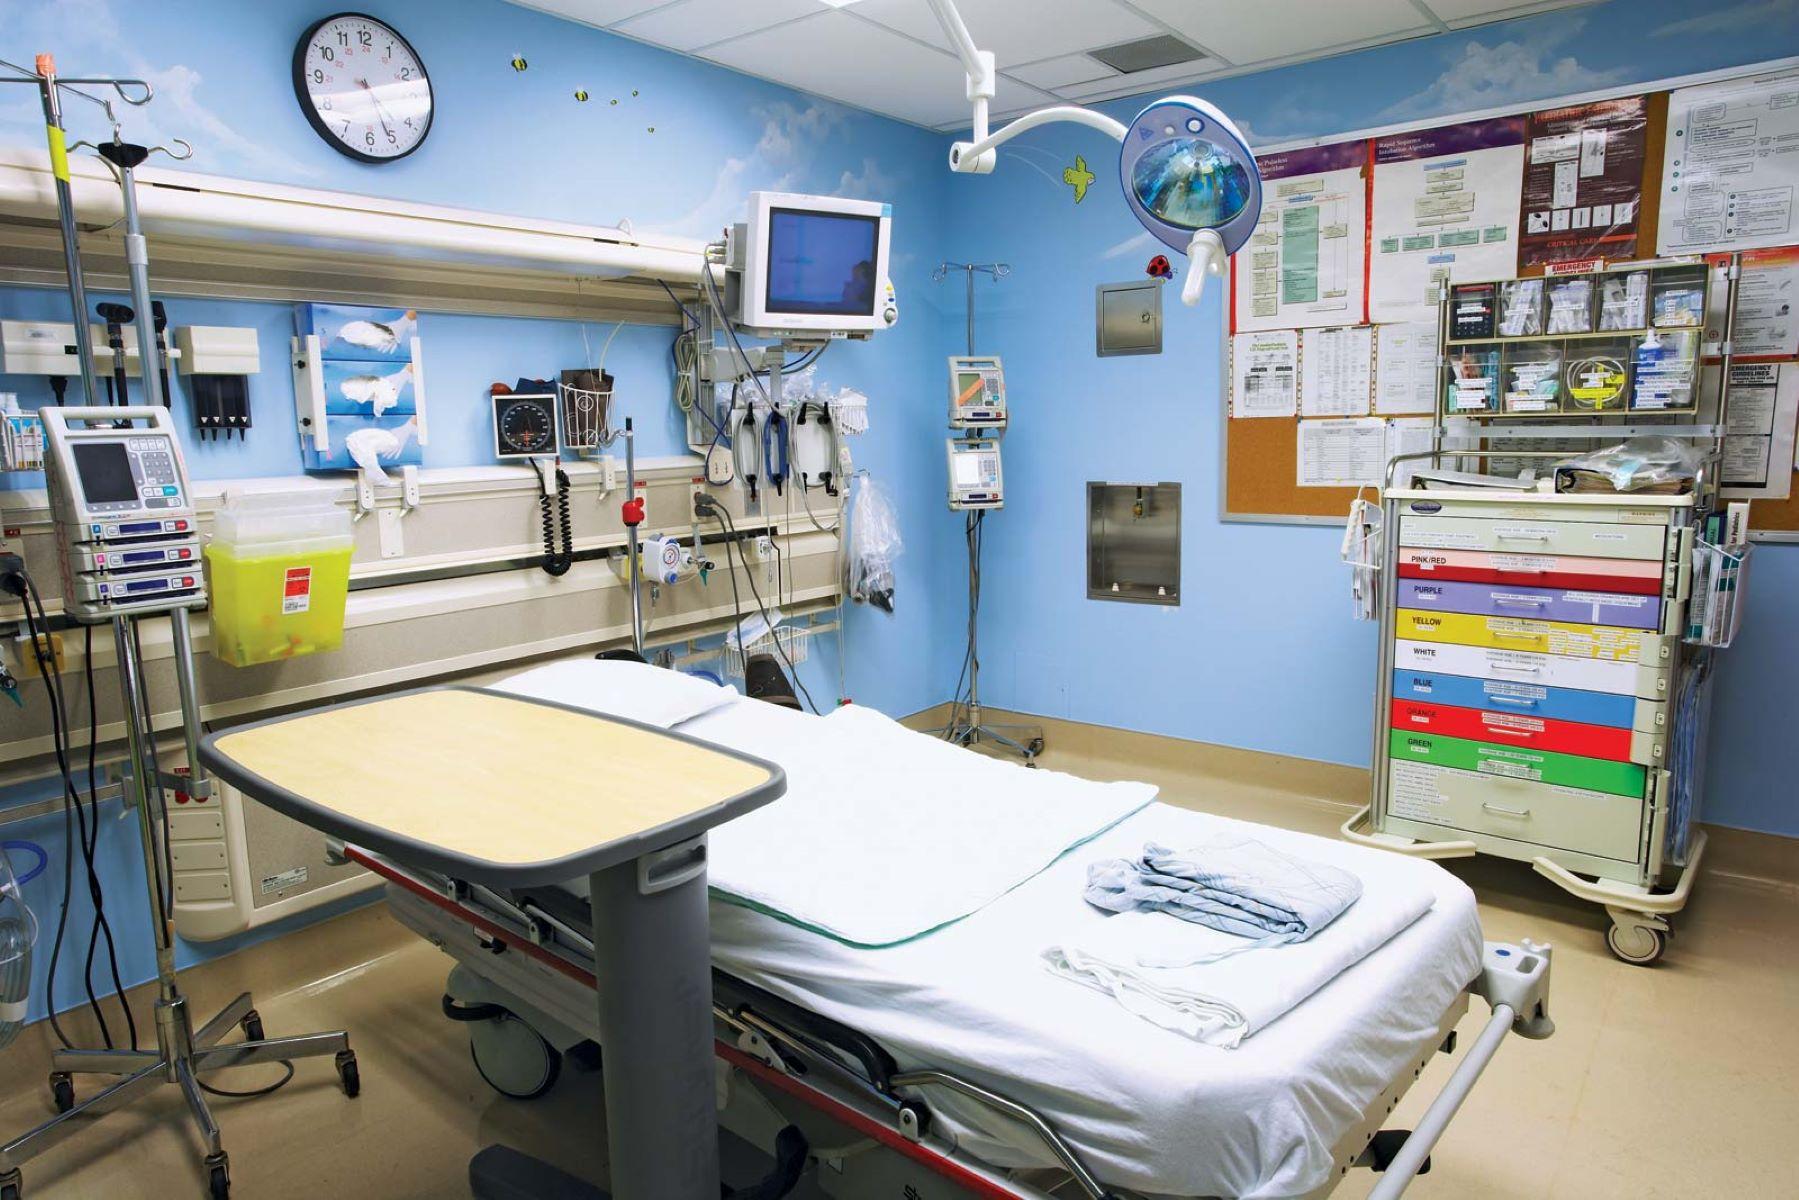 Μονάδες Ημερήσιας Νοσηλείας: Ξεκινούν ιατρικές πράξεις με νοσοκομειακά φάρμακα